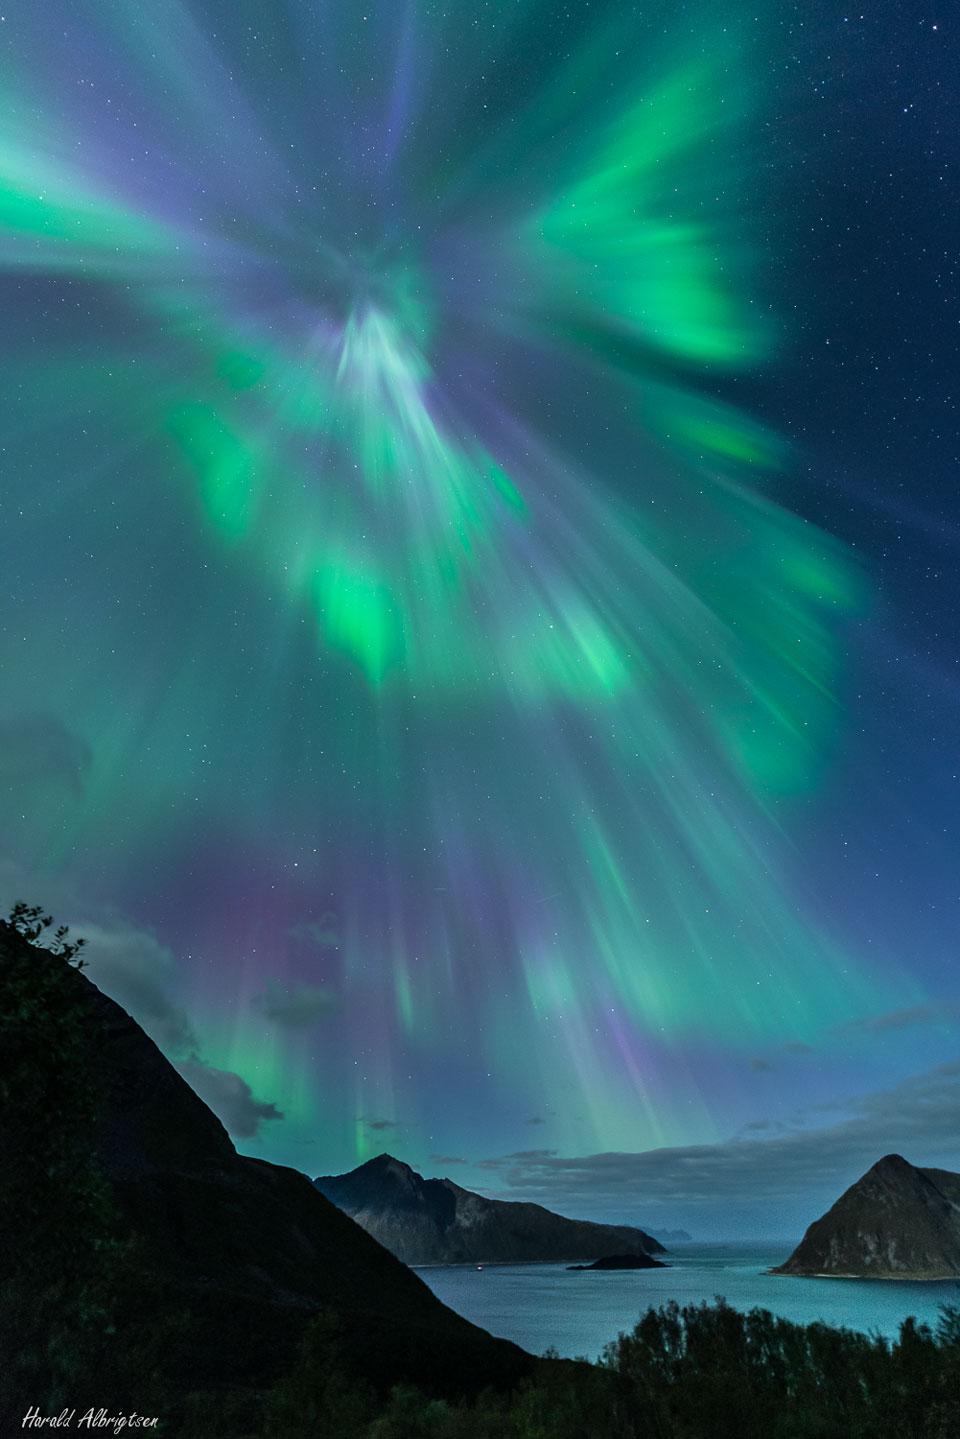 Couronne aurorale sur la Norvège